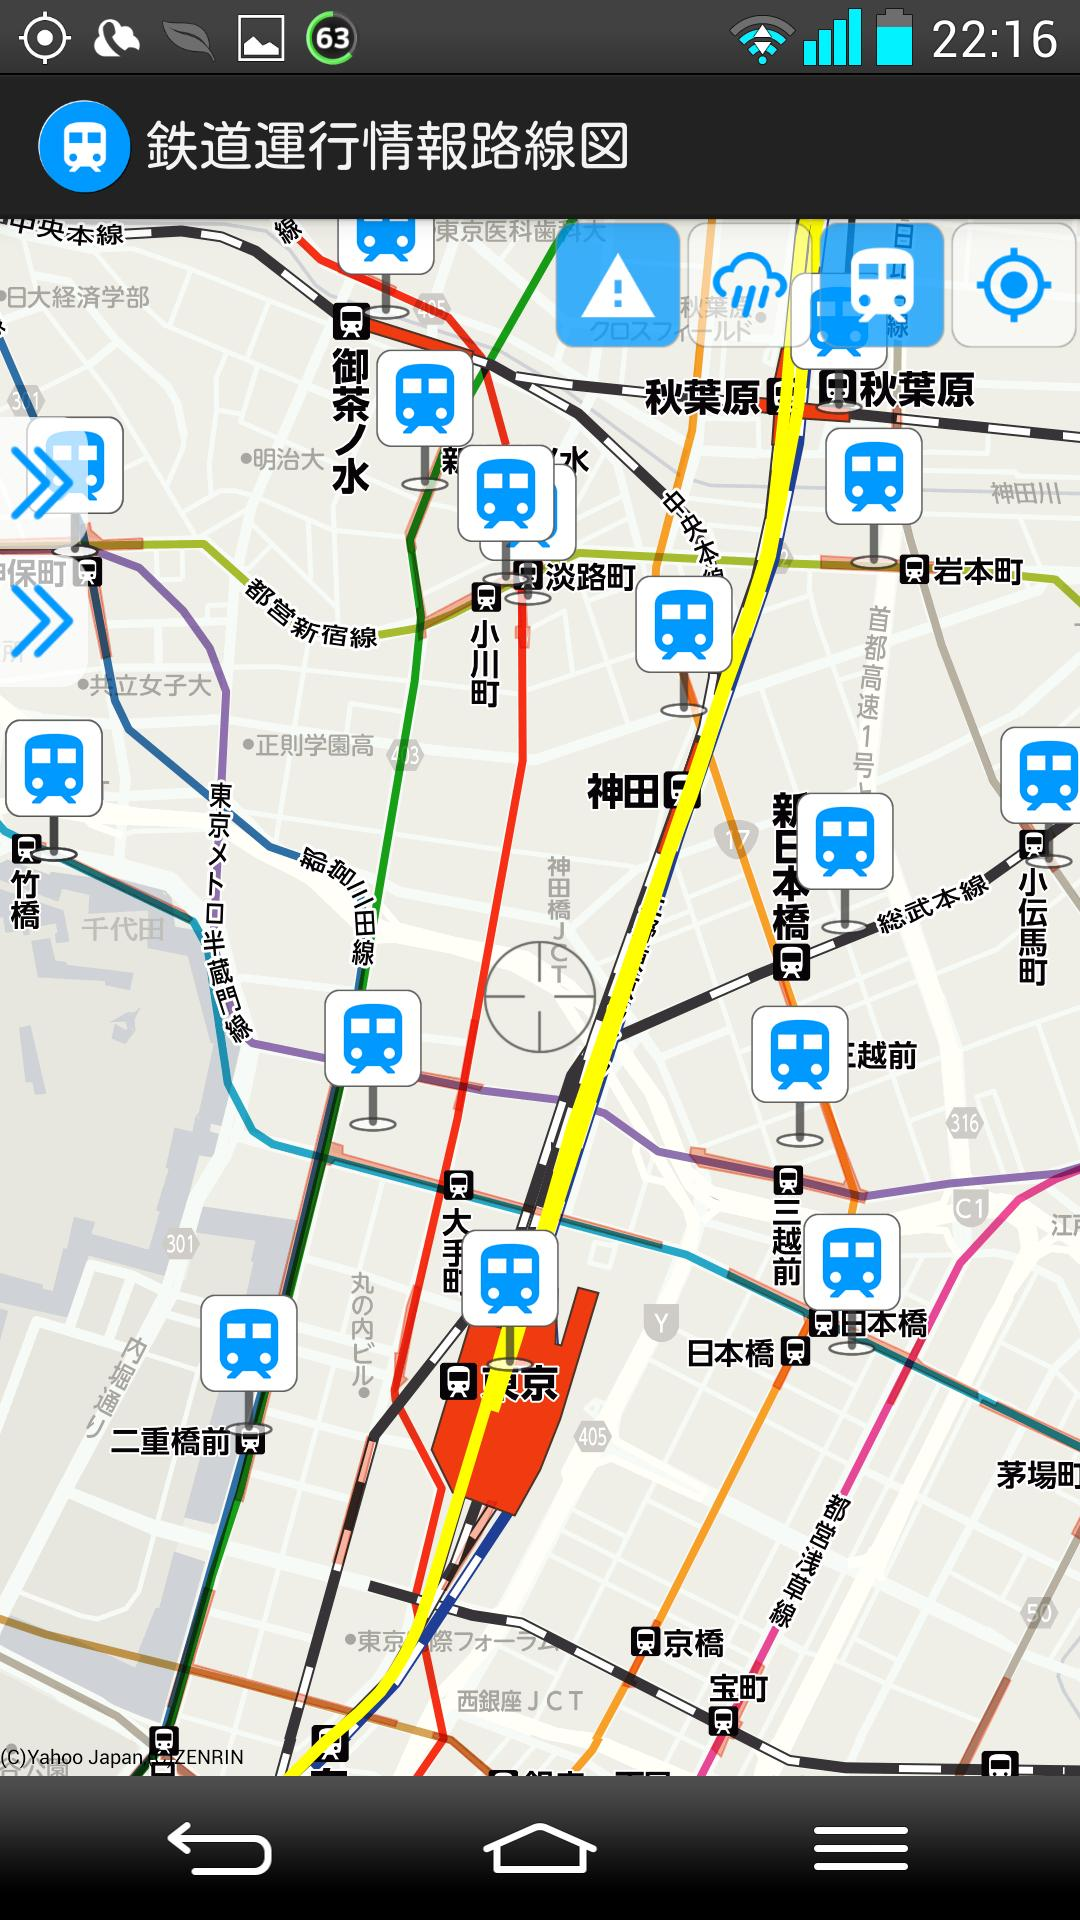 鉄道運行情報路線図